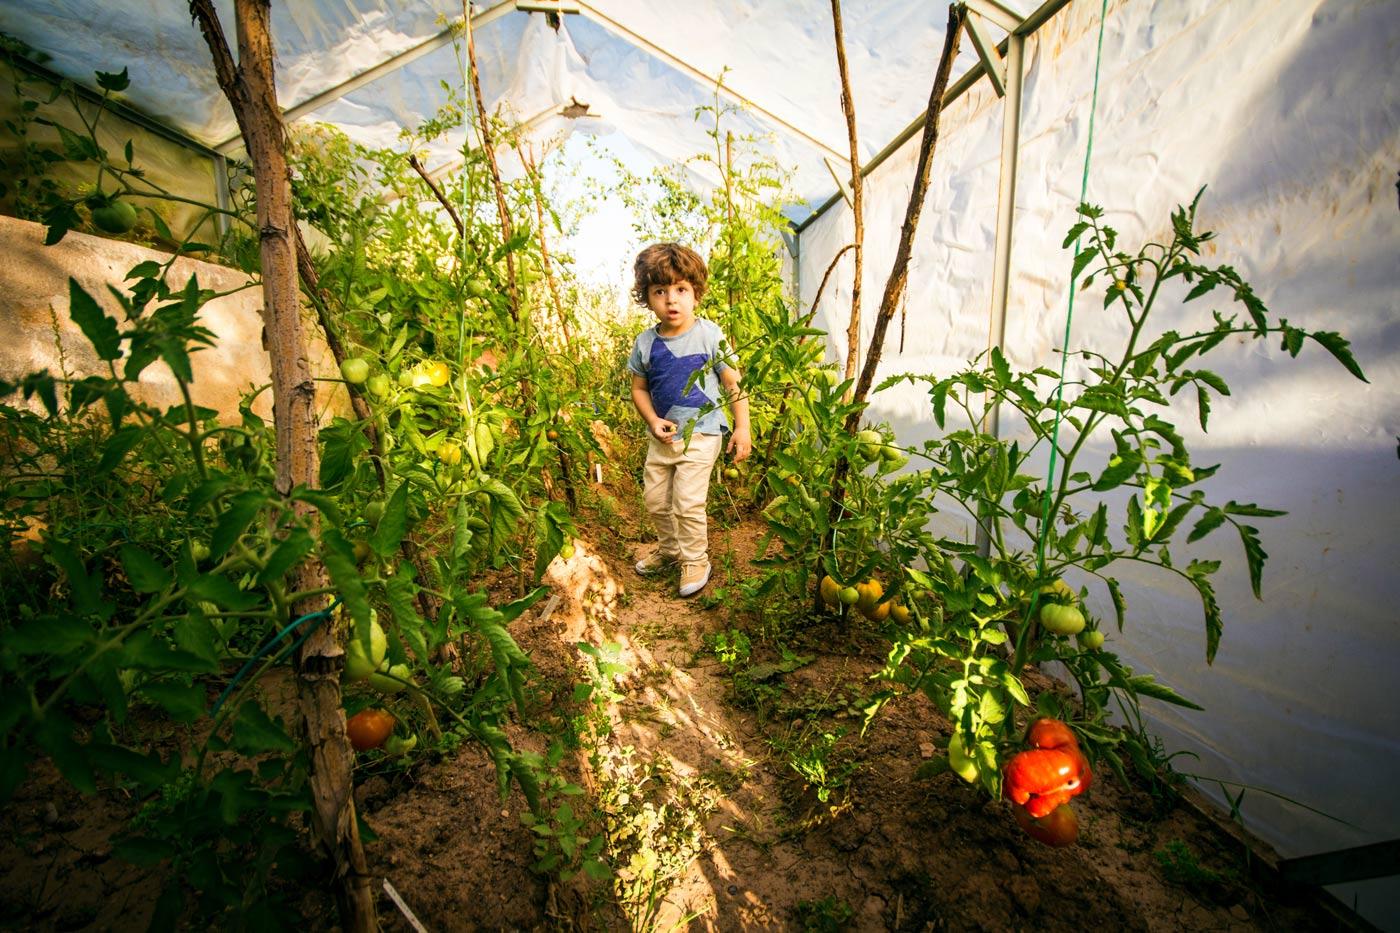 como fotografiar mi hijo en un invernadero